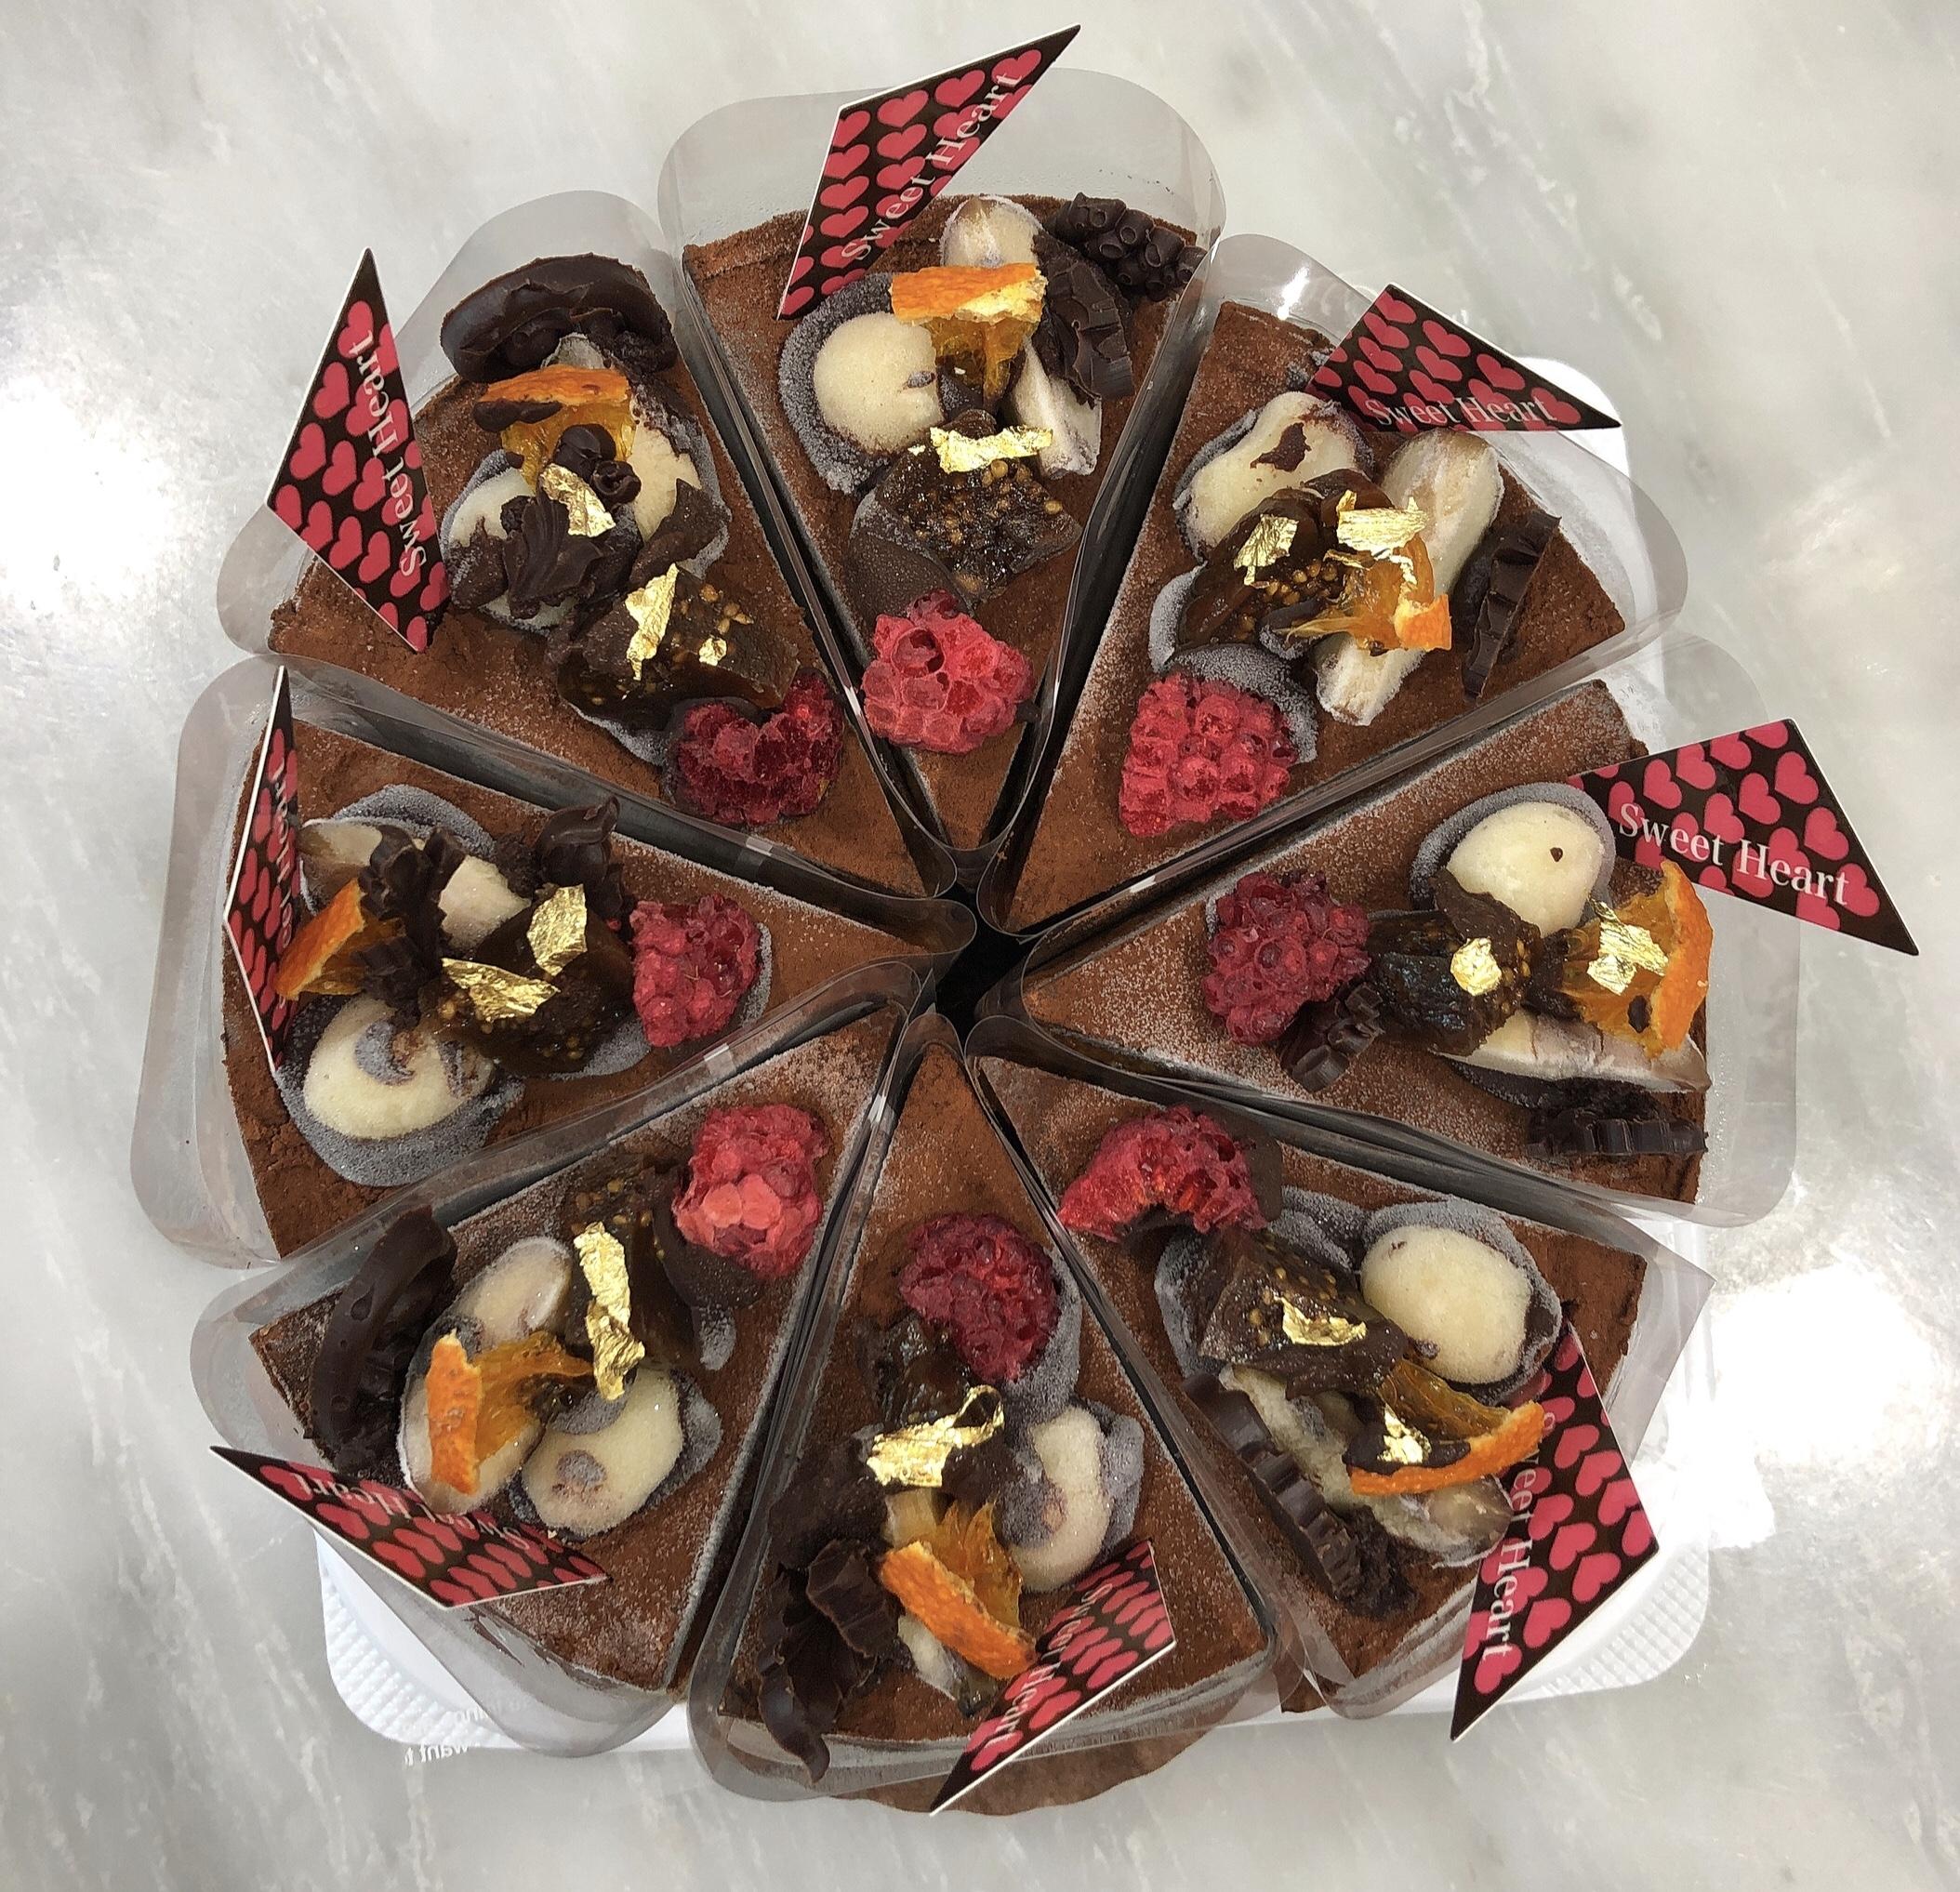 <Organic Rawケーキ>プレミアム チョコレートケーキ  12cmホール (8カット)